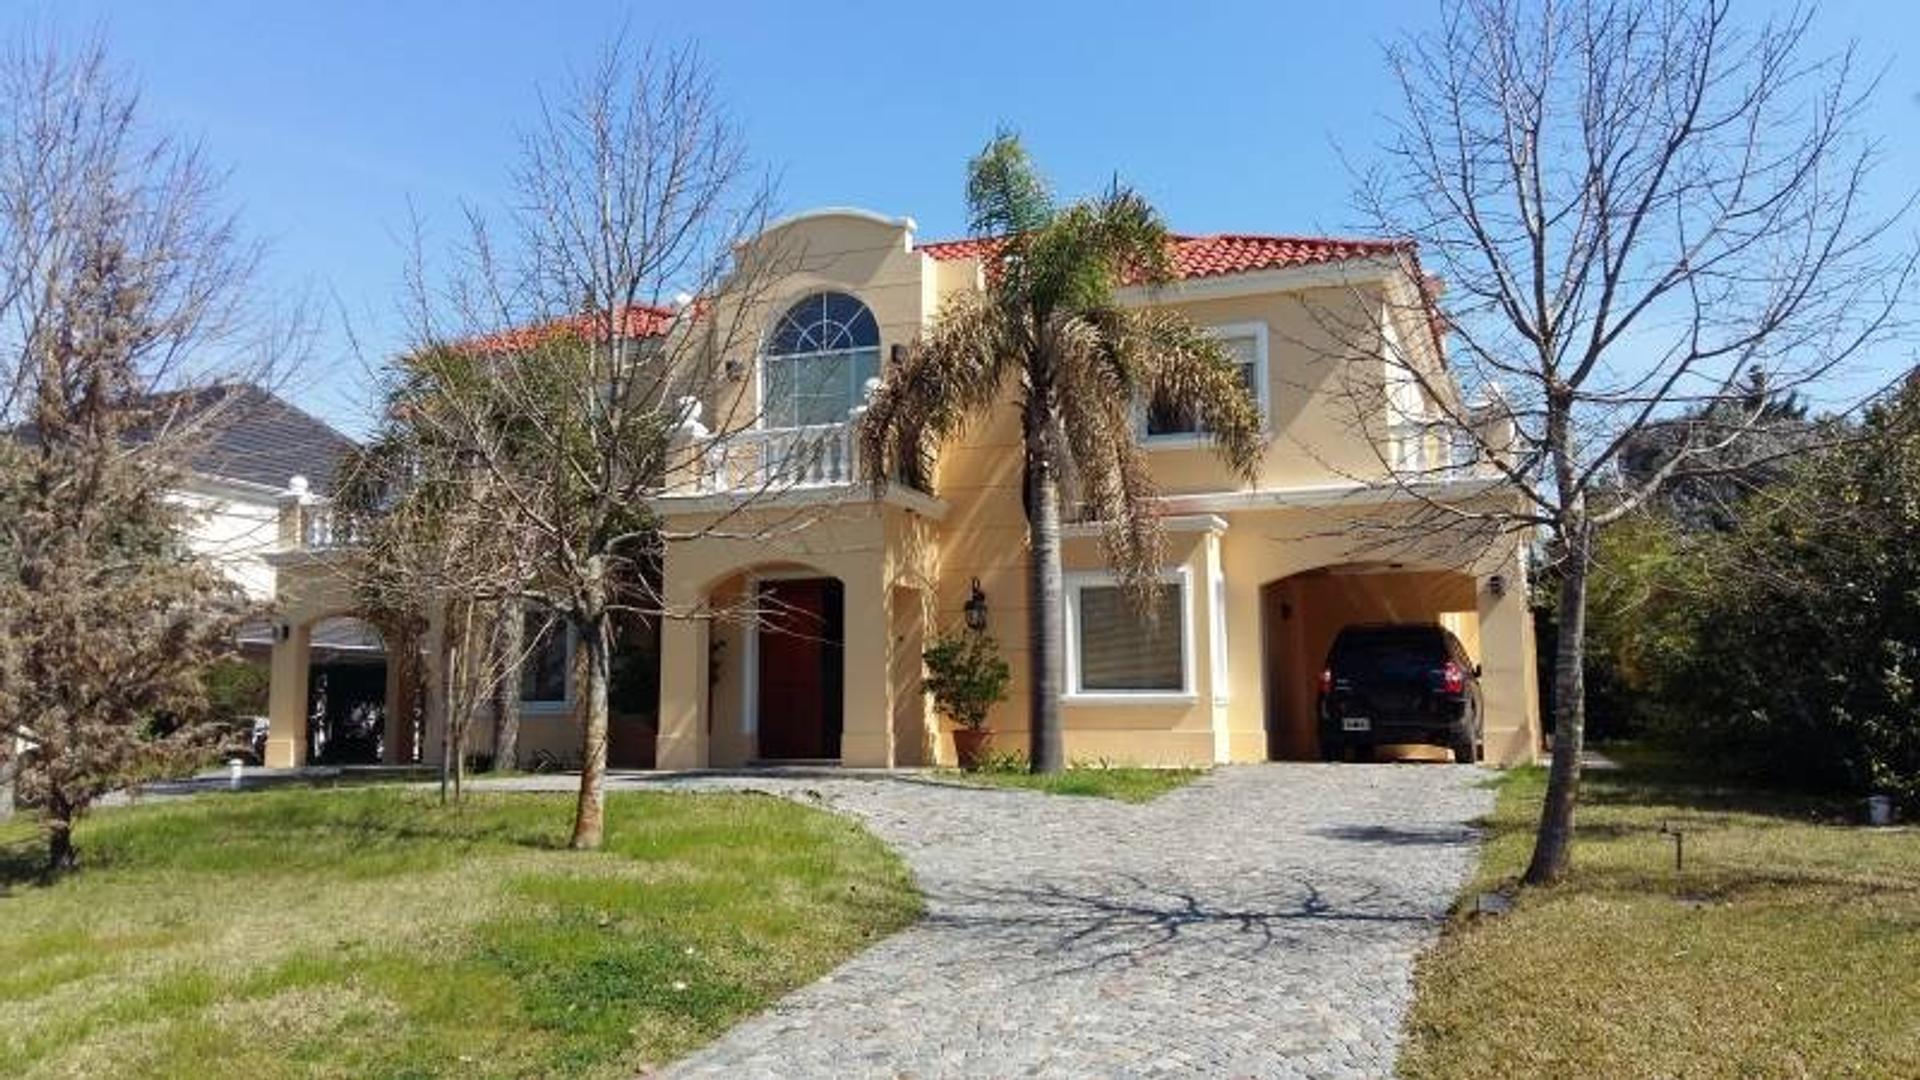 Casa en venta en el barrio Las Caletas - Nordelta - Tigre Estilo Neo Portugues